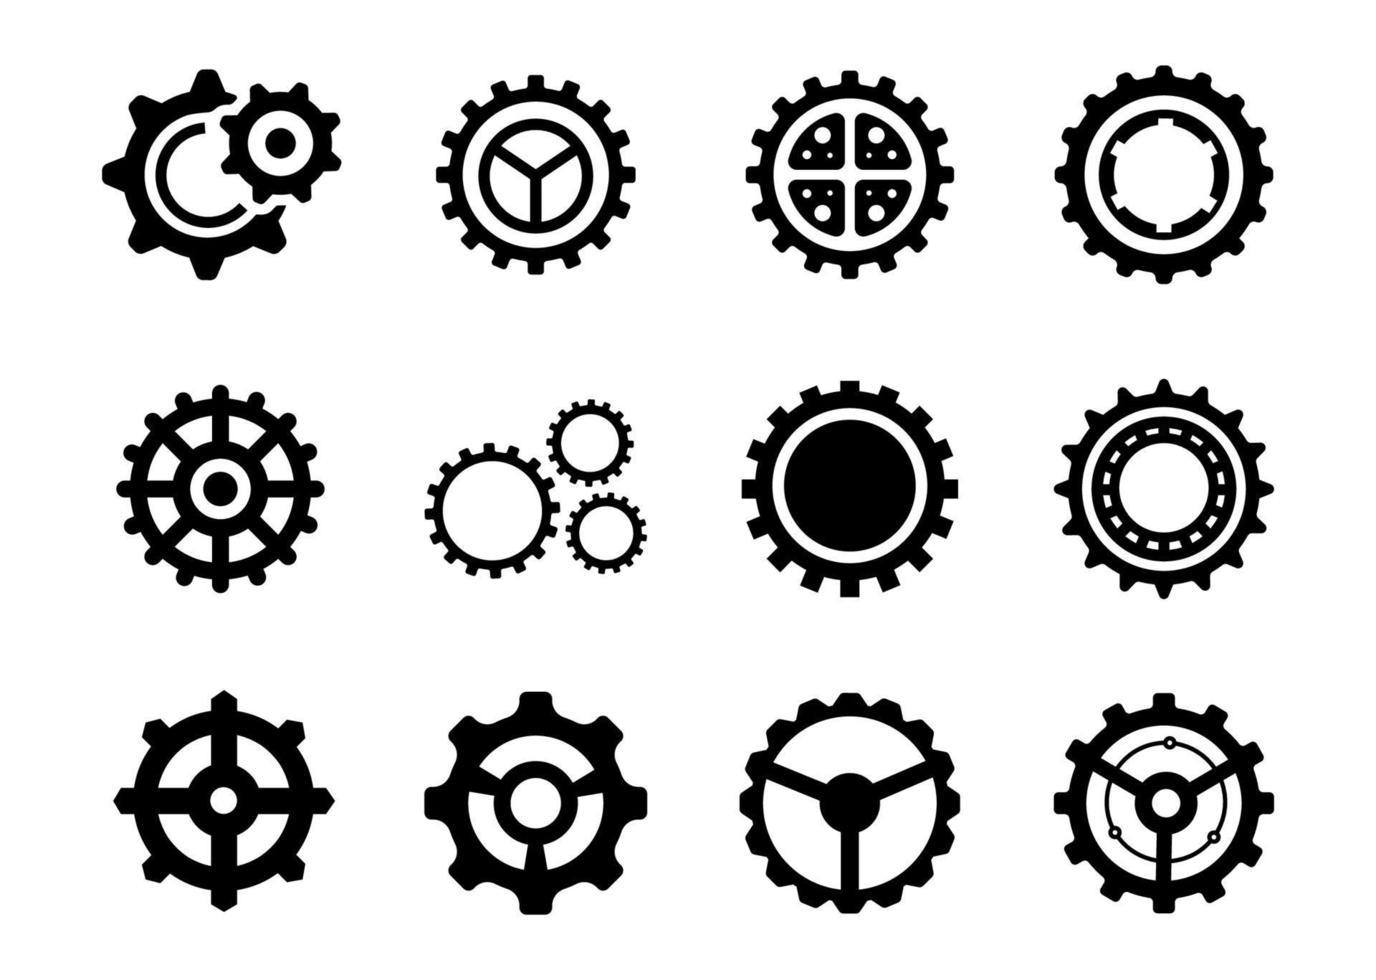 conjunto de ícones de engrenagem - ilustração vetorial. vetor